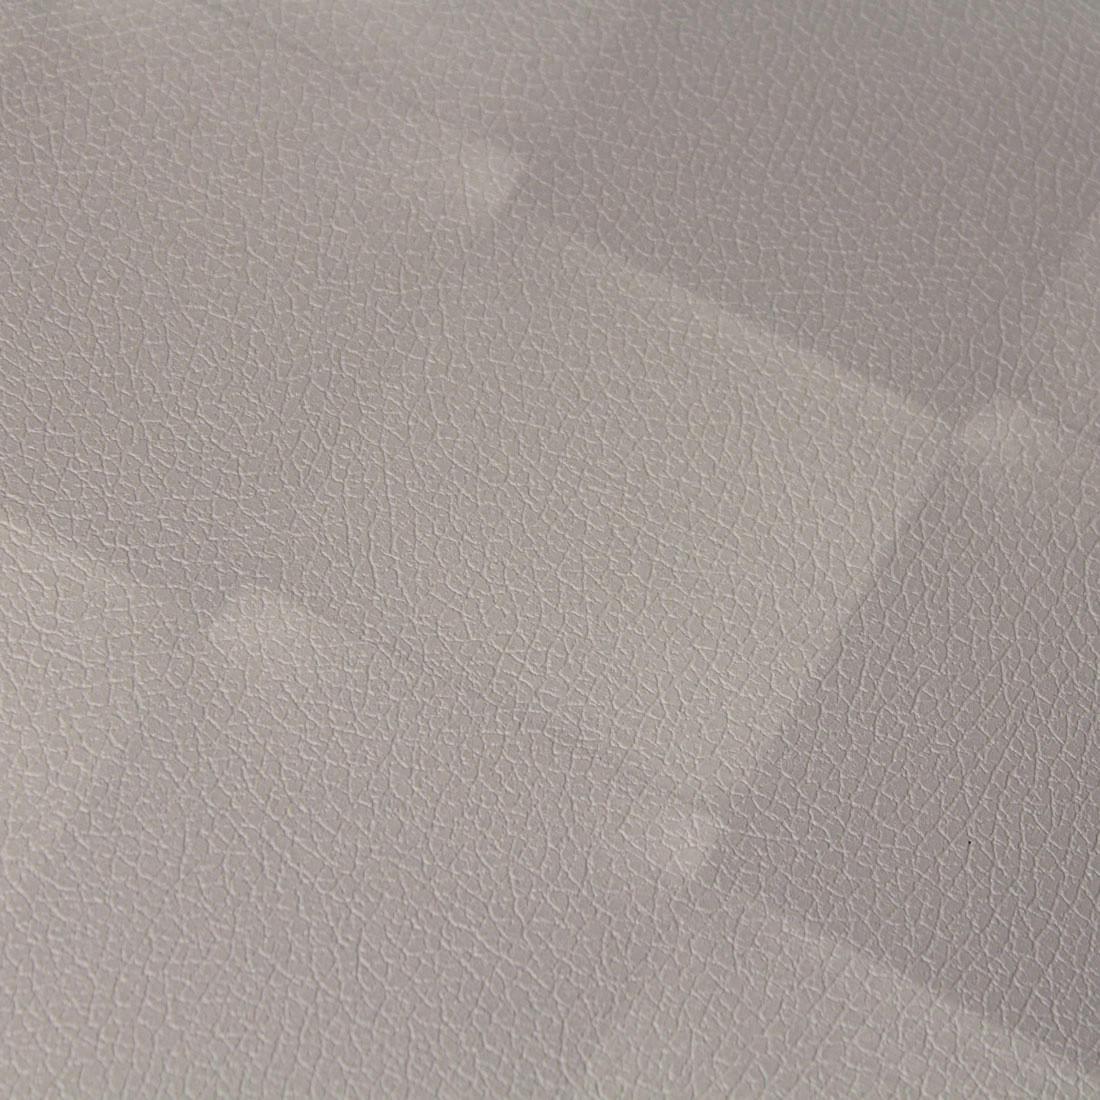 Papel de Parede Muresco Corium Couro trançado Bege Textura